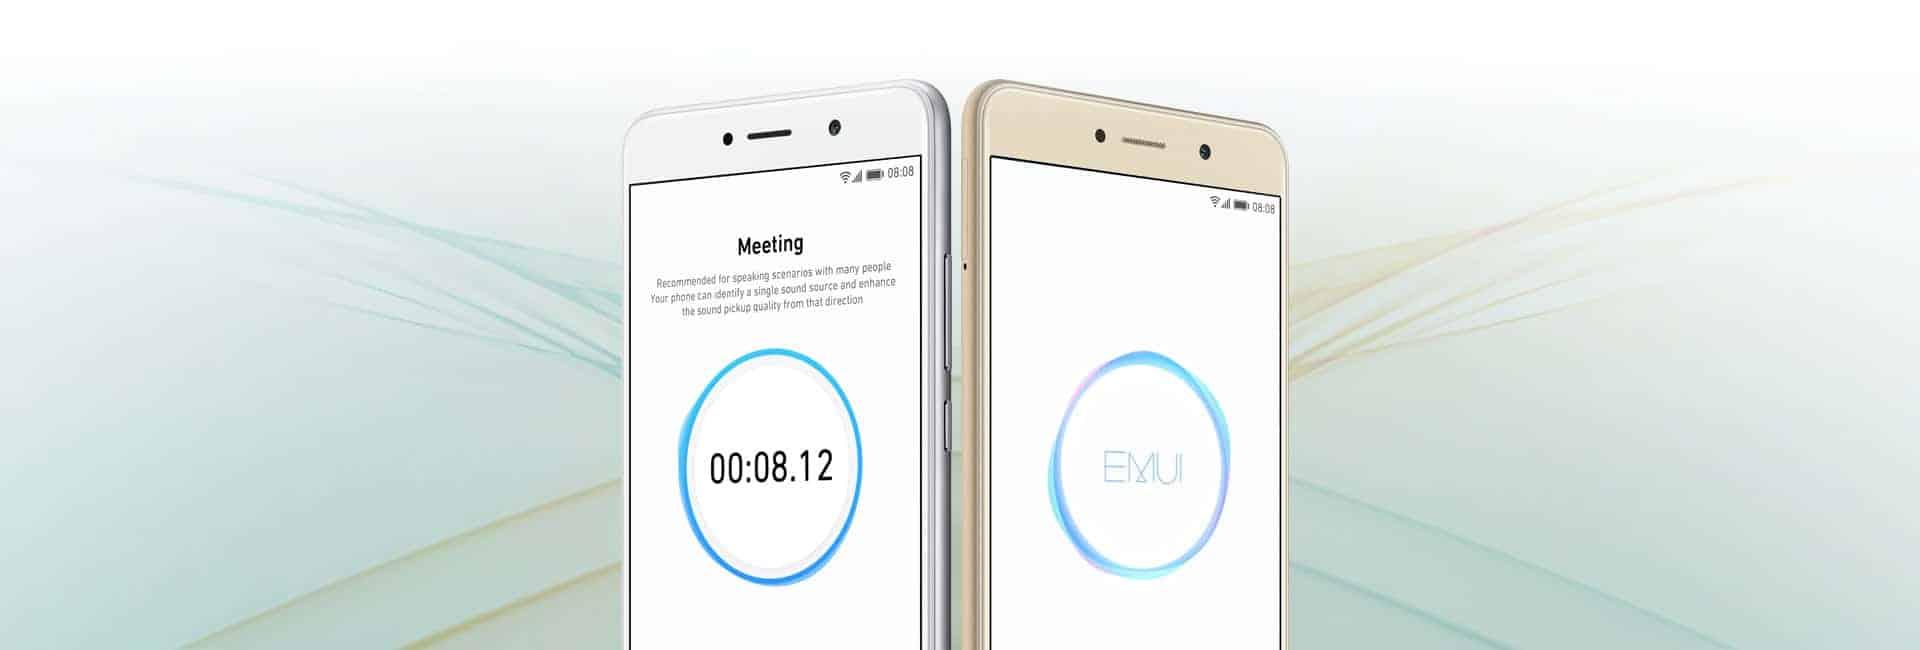 Huawei Y7 Prime 6